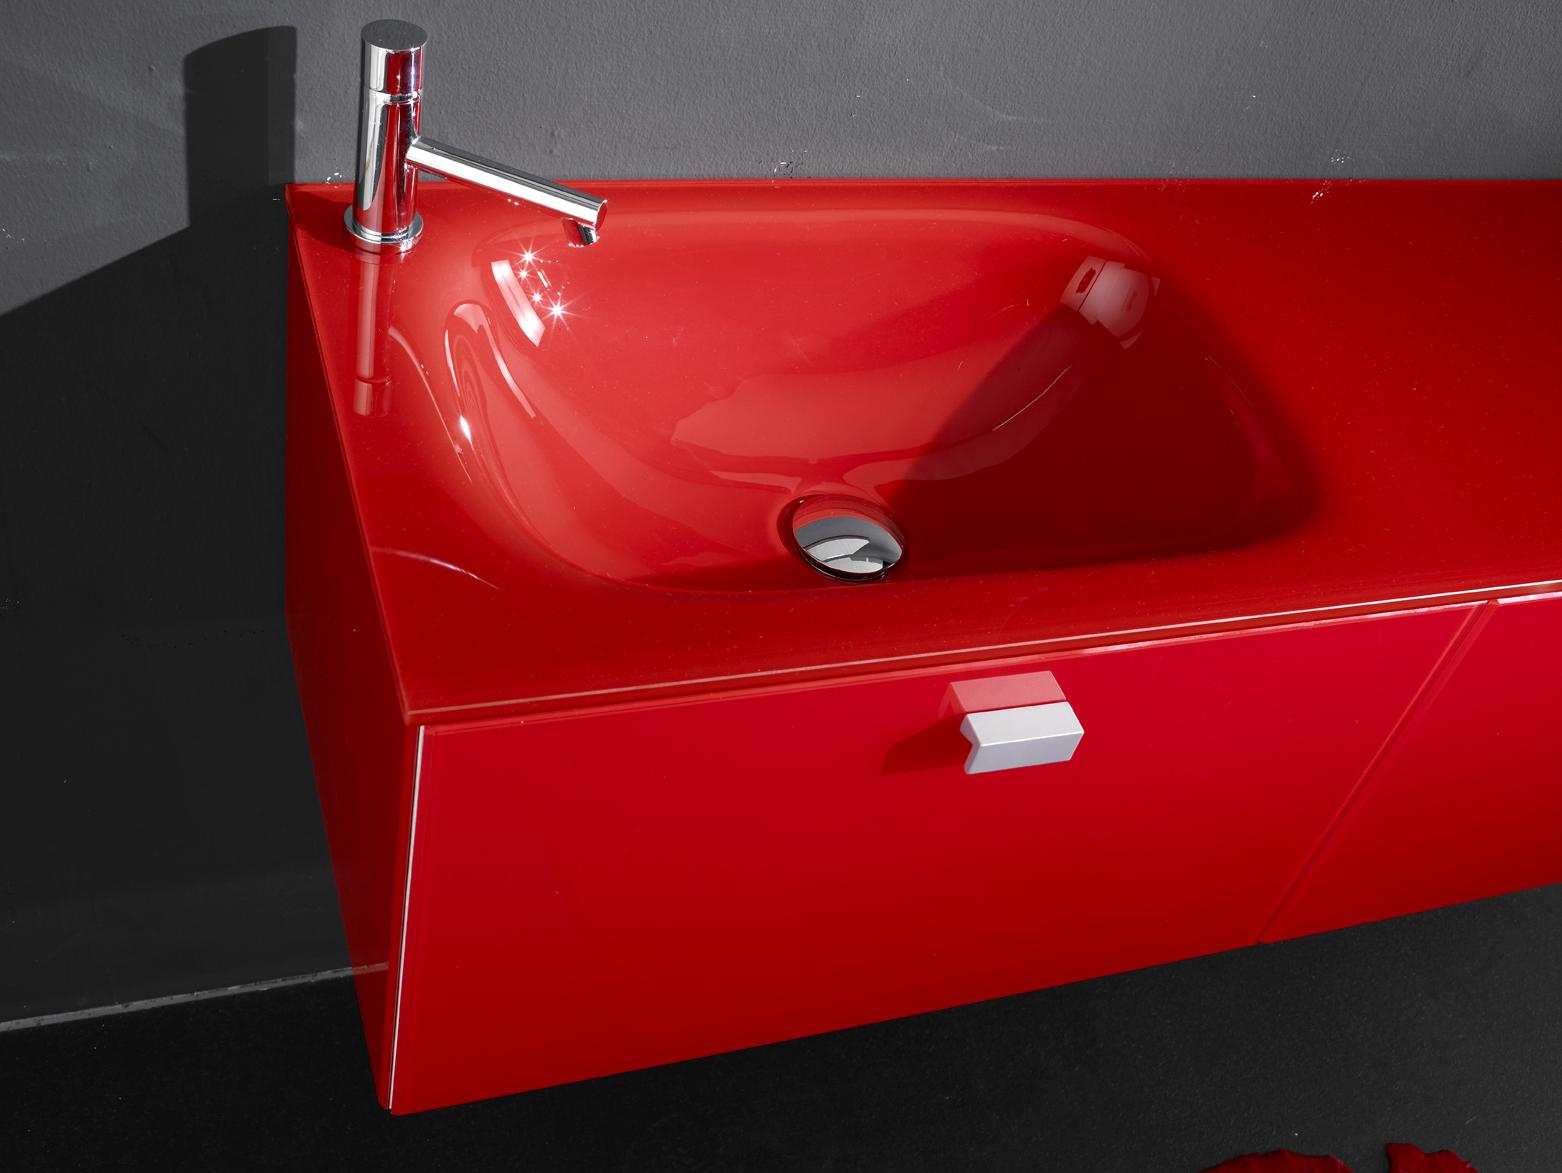 Mobilier de baie si lavoare din sticla colorata produse in Romania